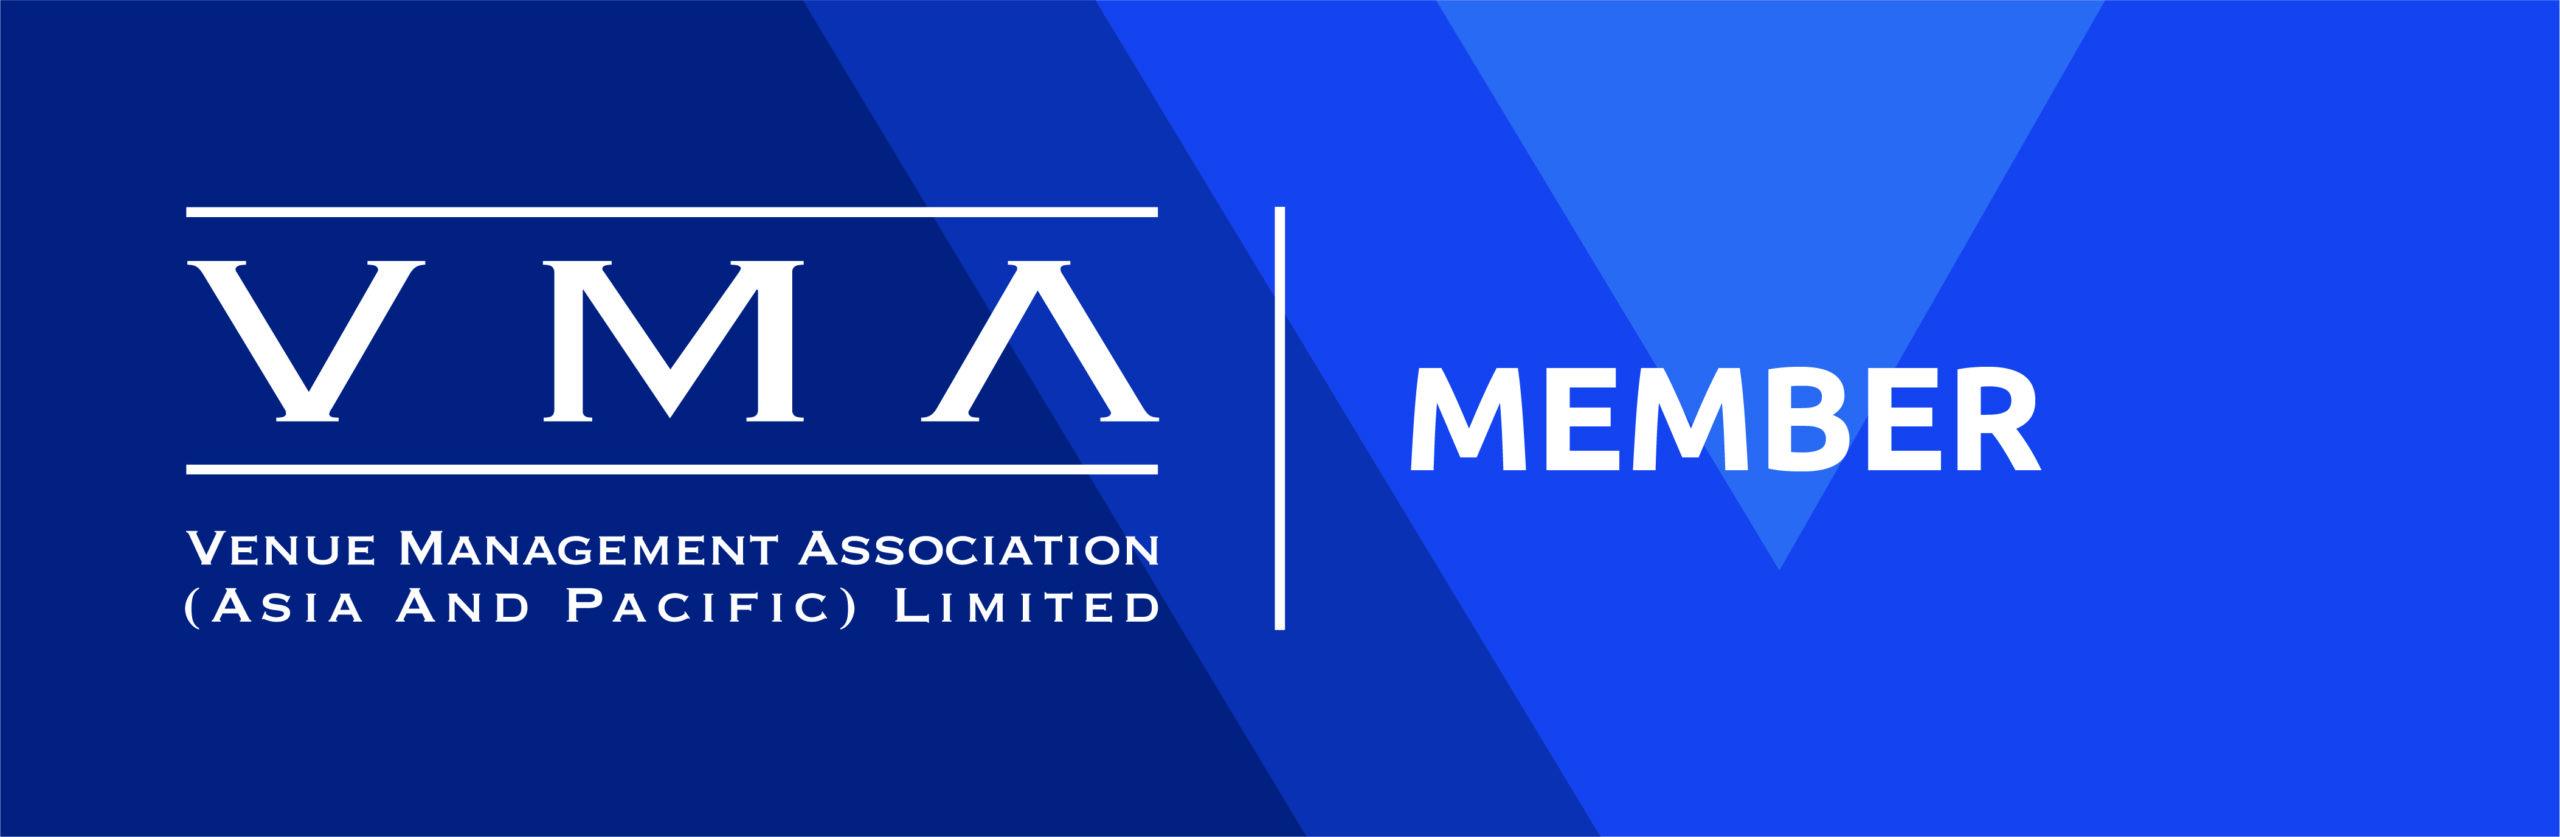 Venue Management Association Group Member